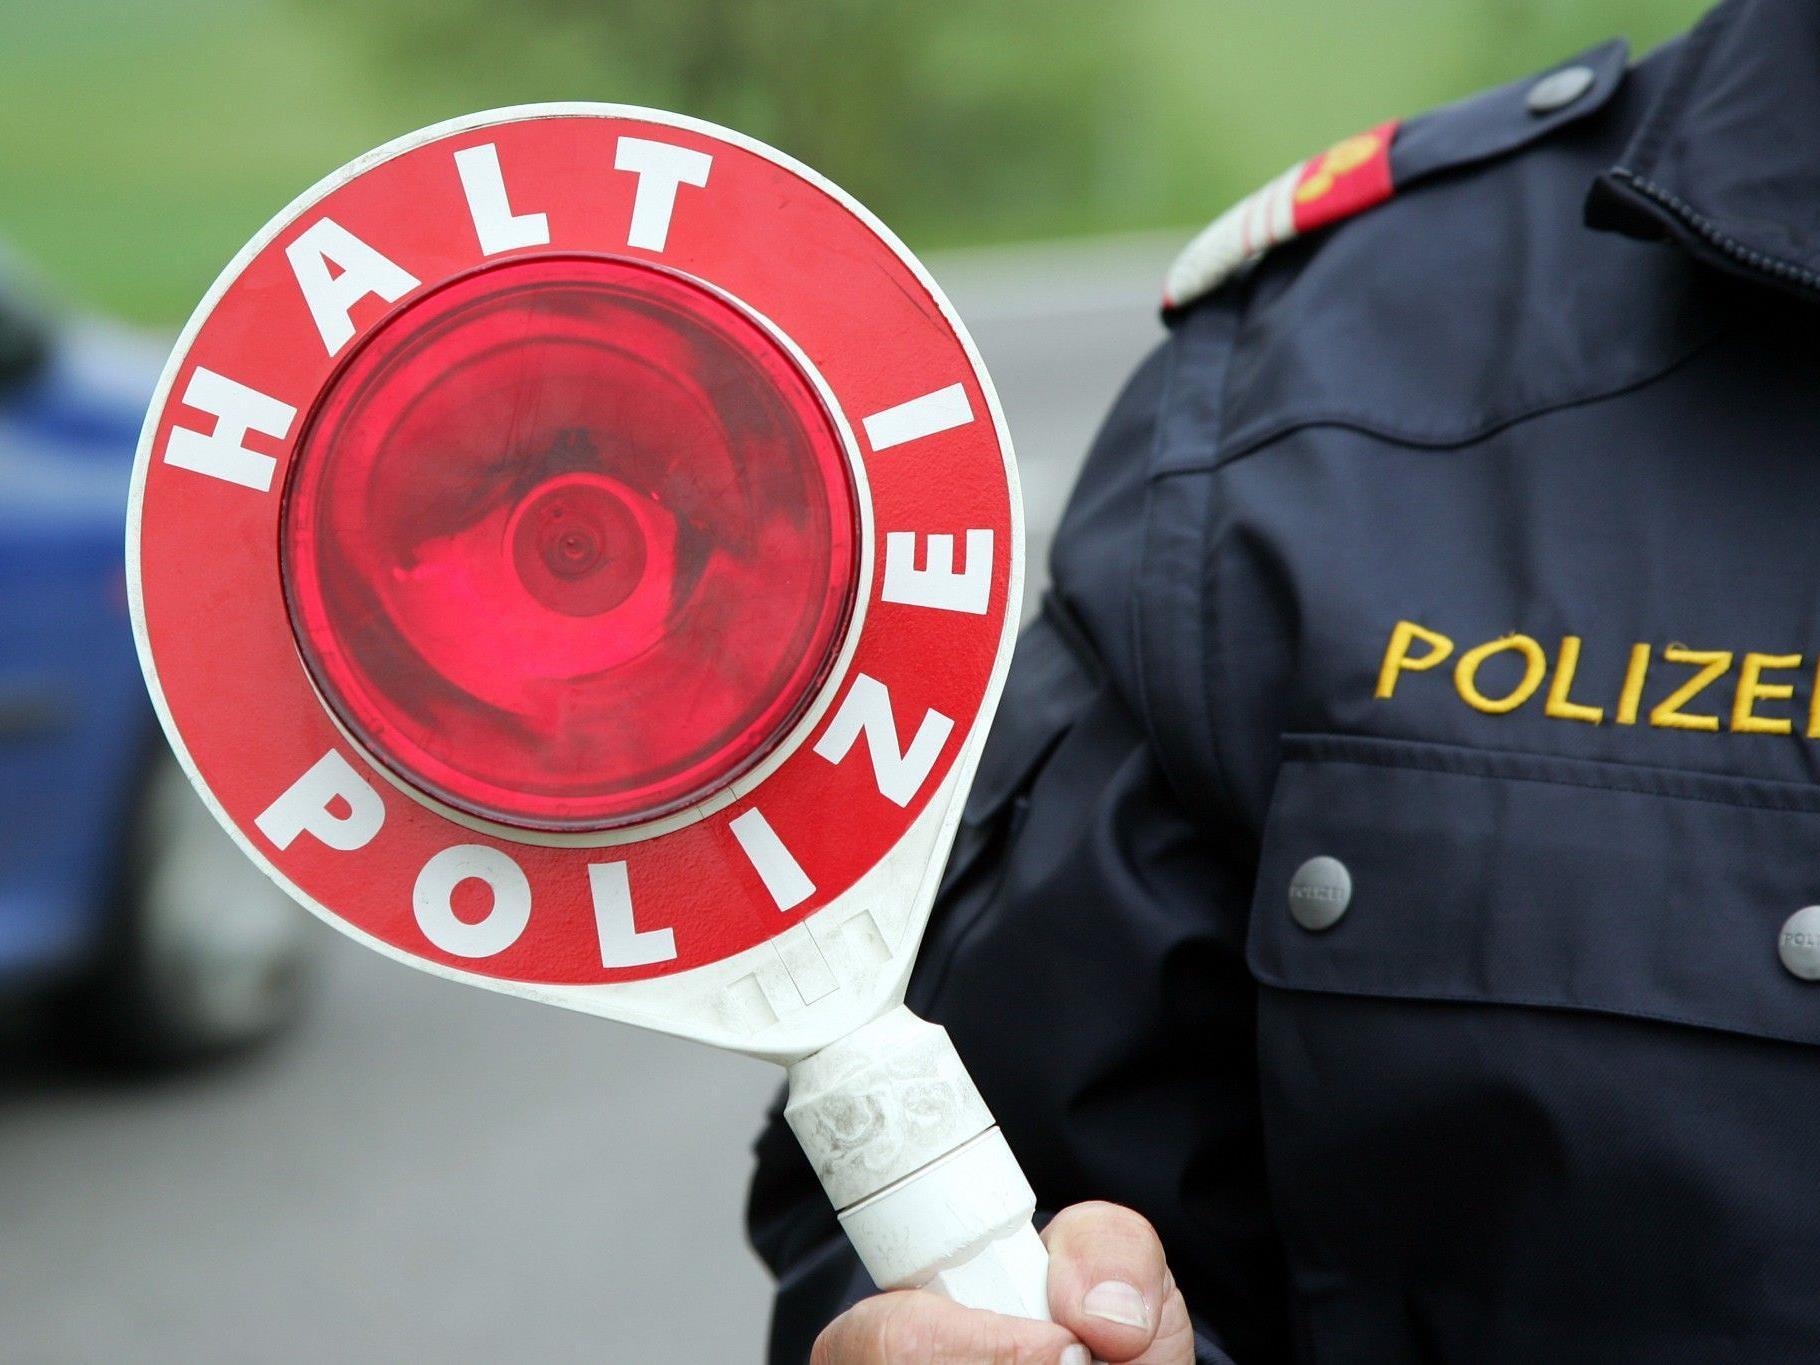 Ein Polizist wurde von dem flüchtenden Exhibitionisten auf der Stirn verletzt.